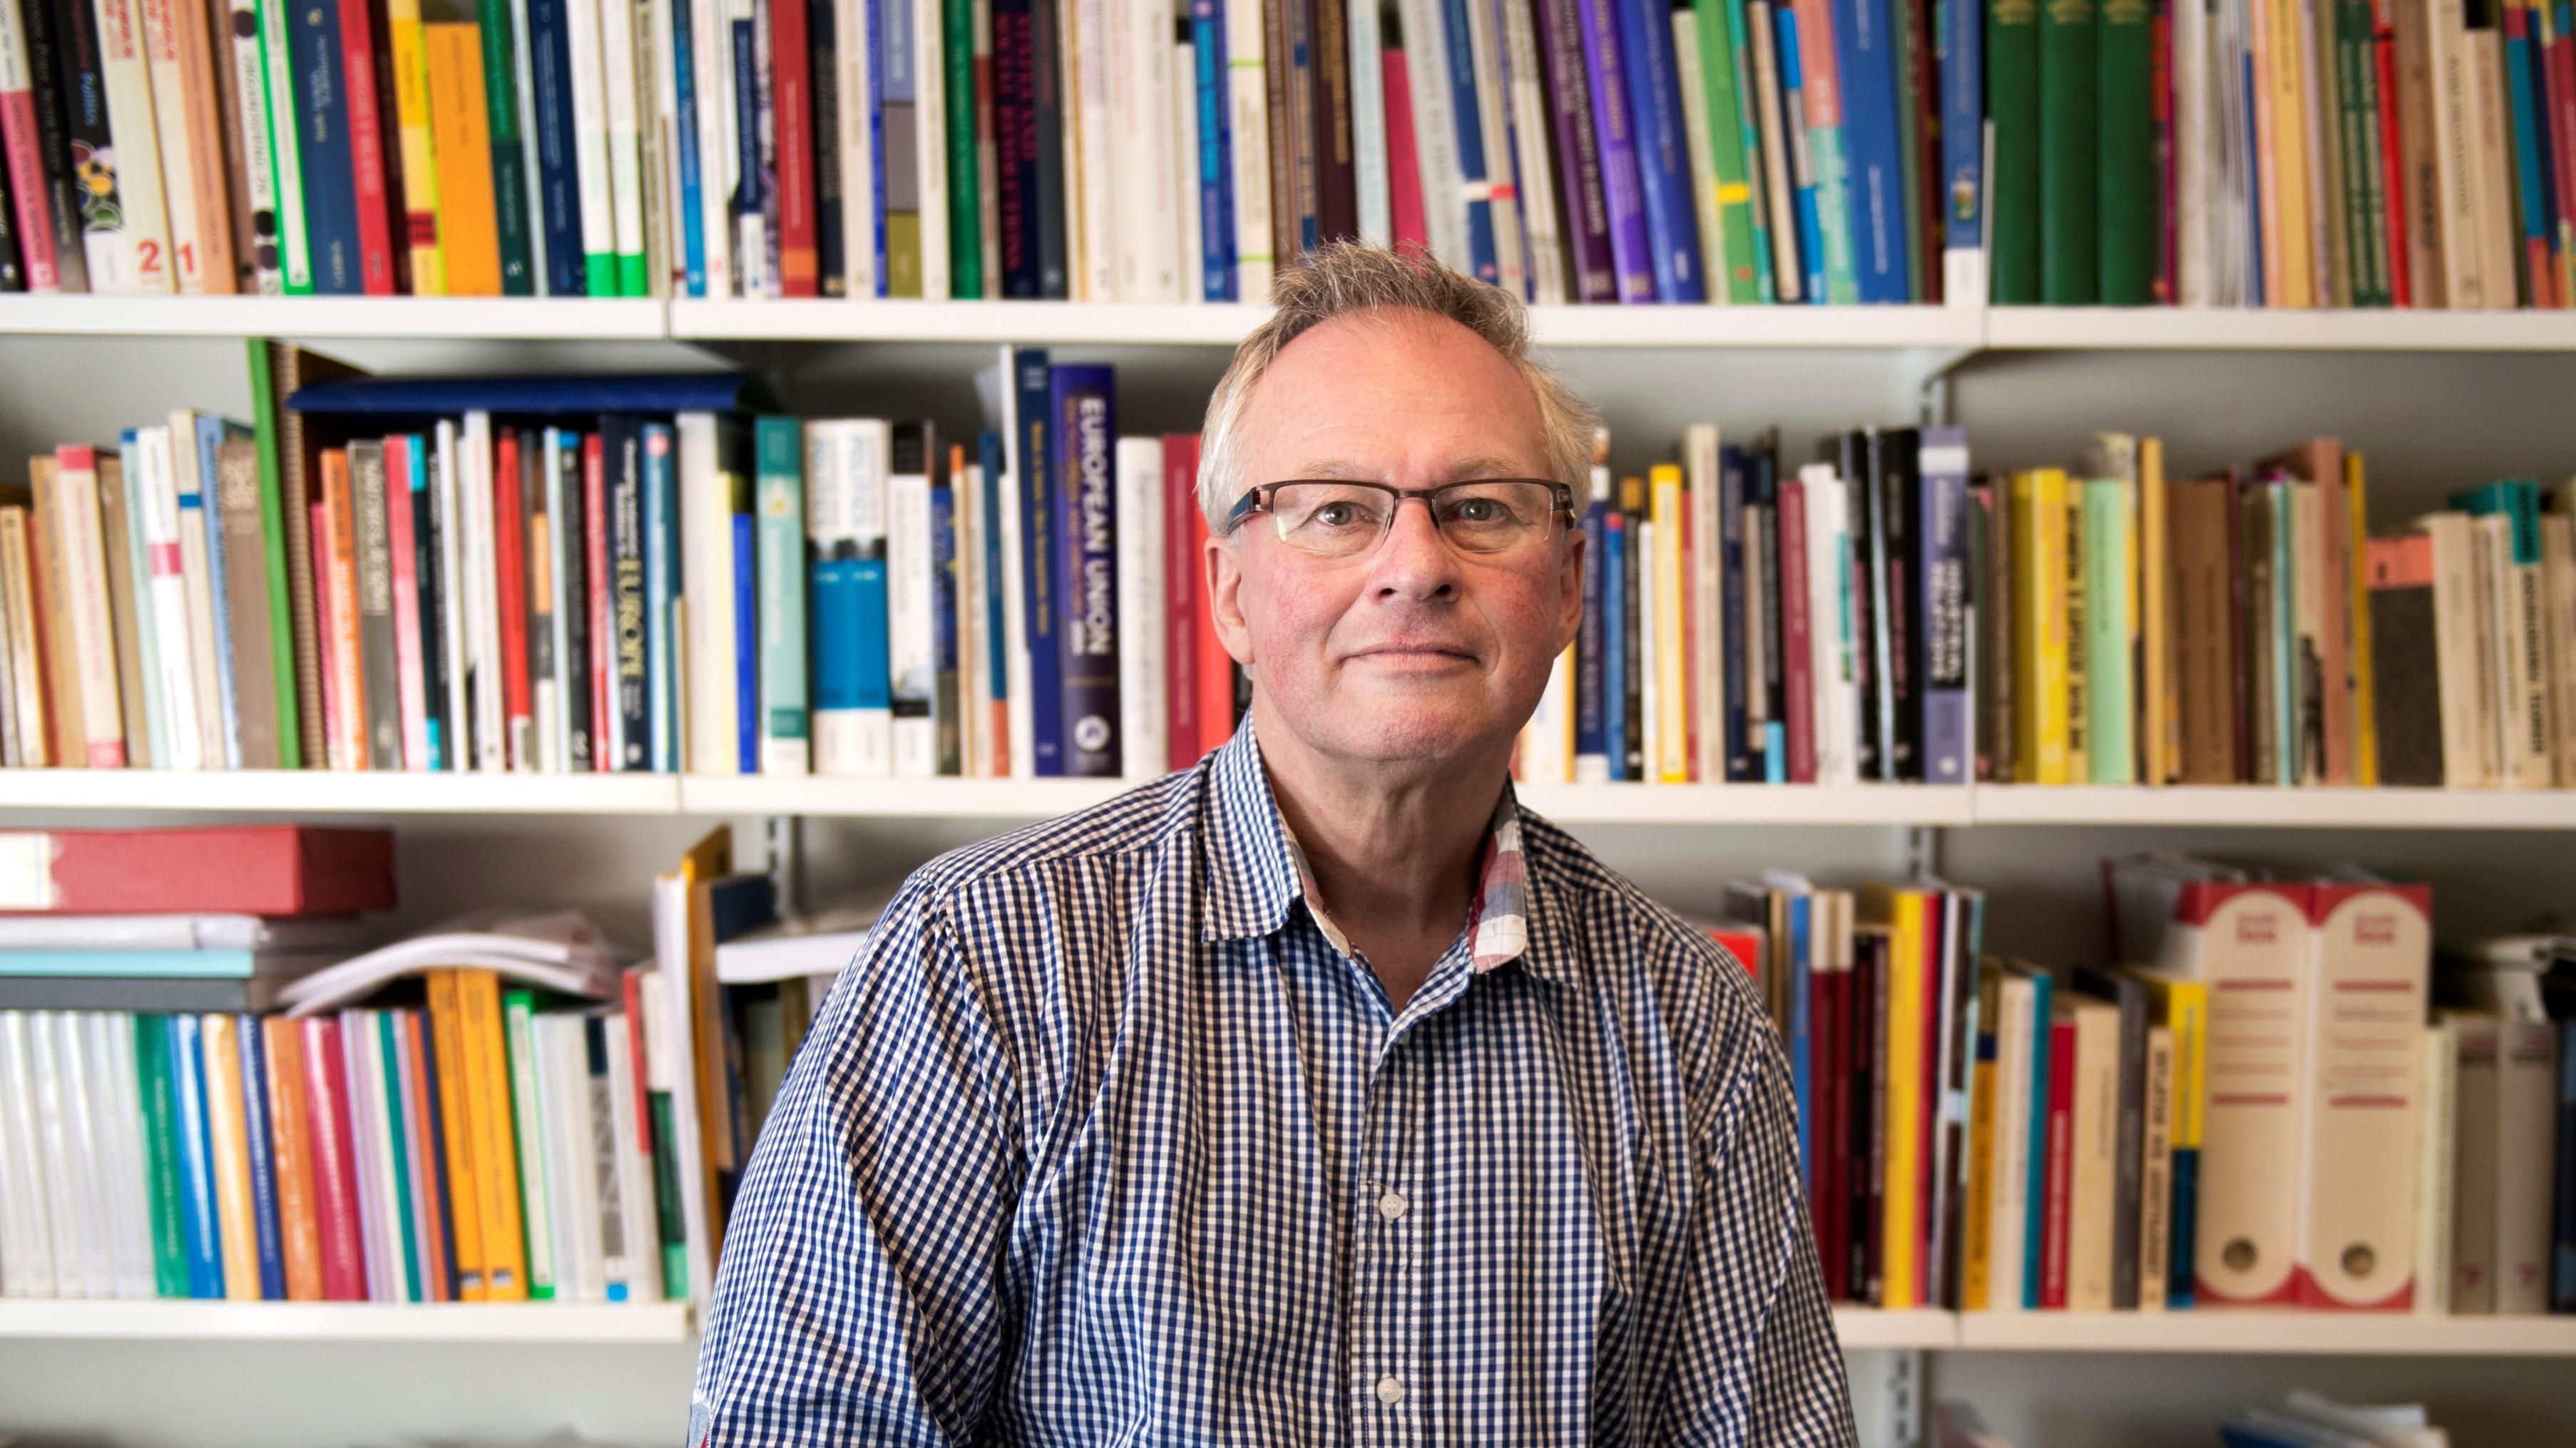 Nordic labour market crisis: Professor sees hope